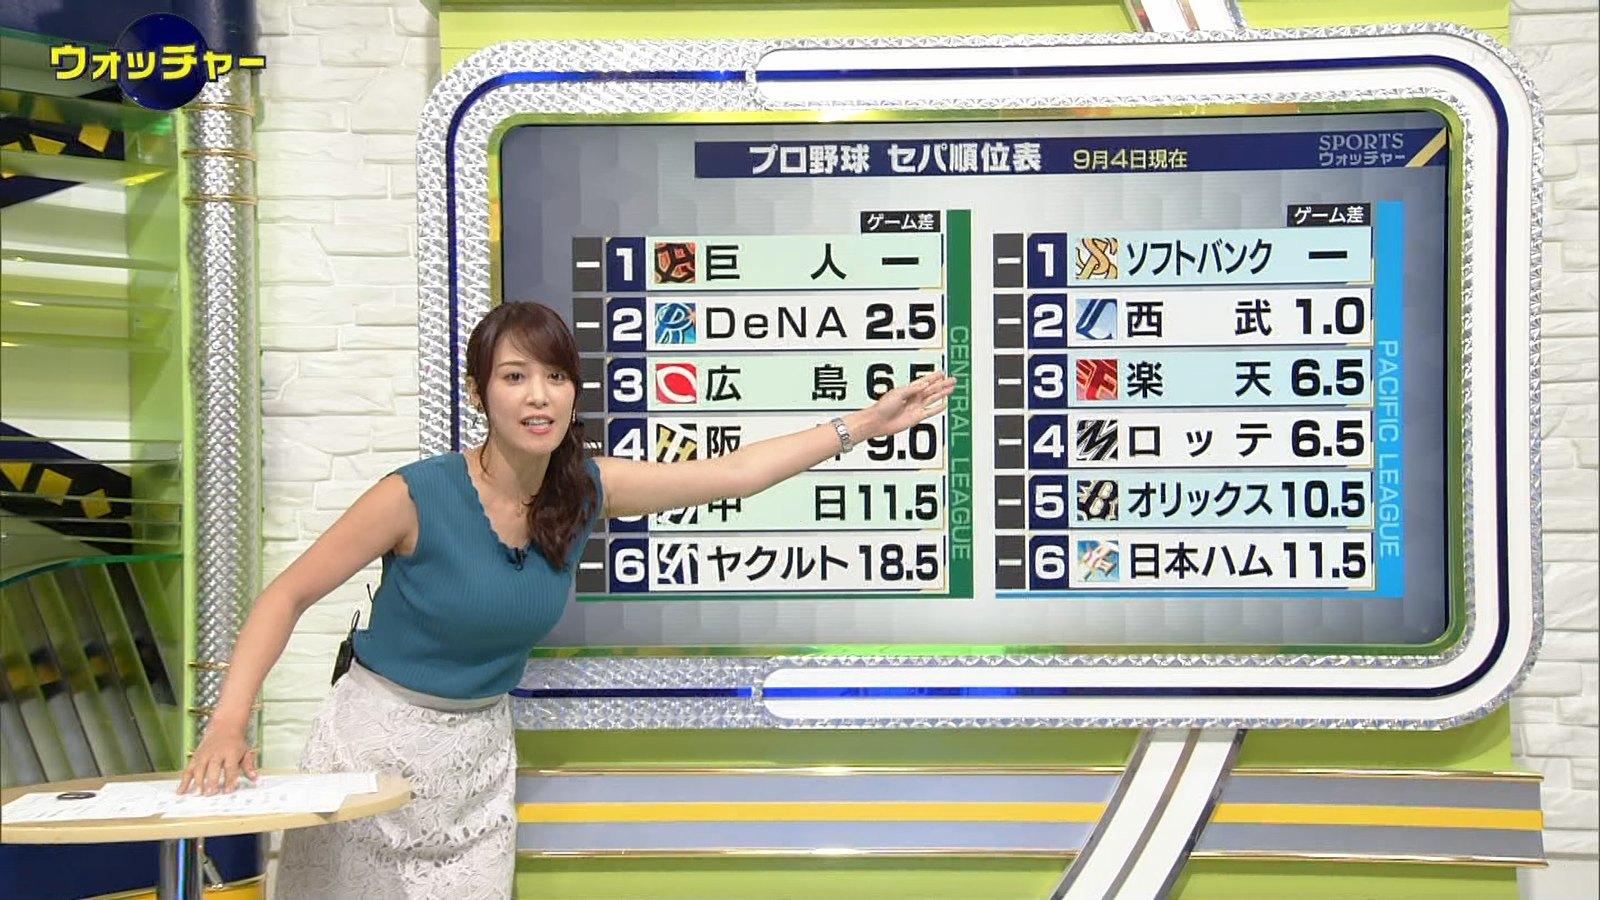 2019年9月4日「スポーツウオッチゃー」鷲見玲奈さんのテレビキャプチャー画像-240